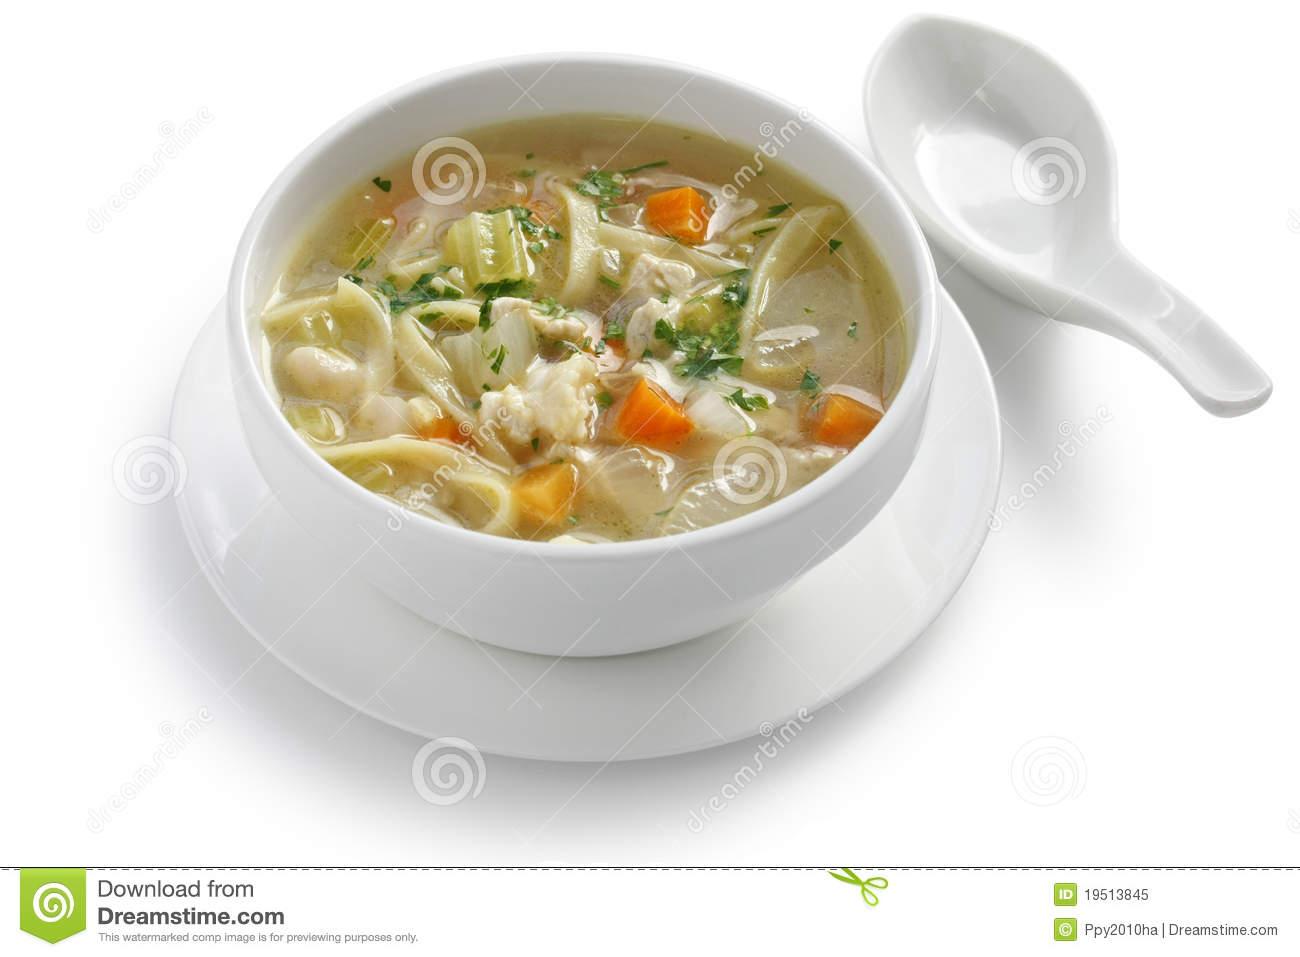 Cold chicken noodle soup clipart #20